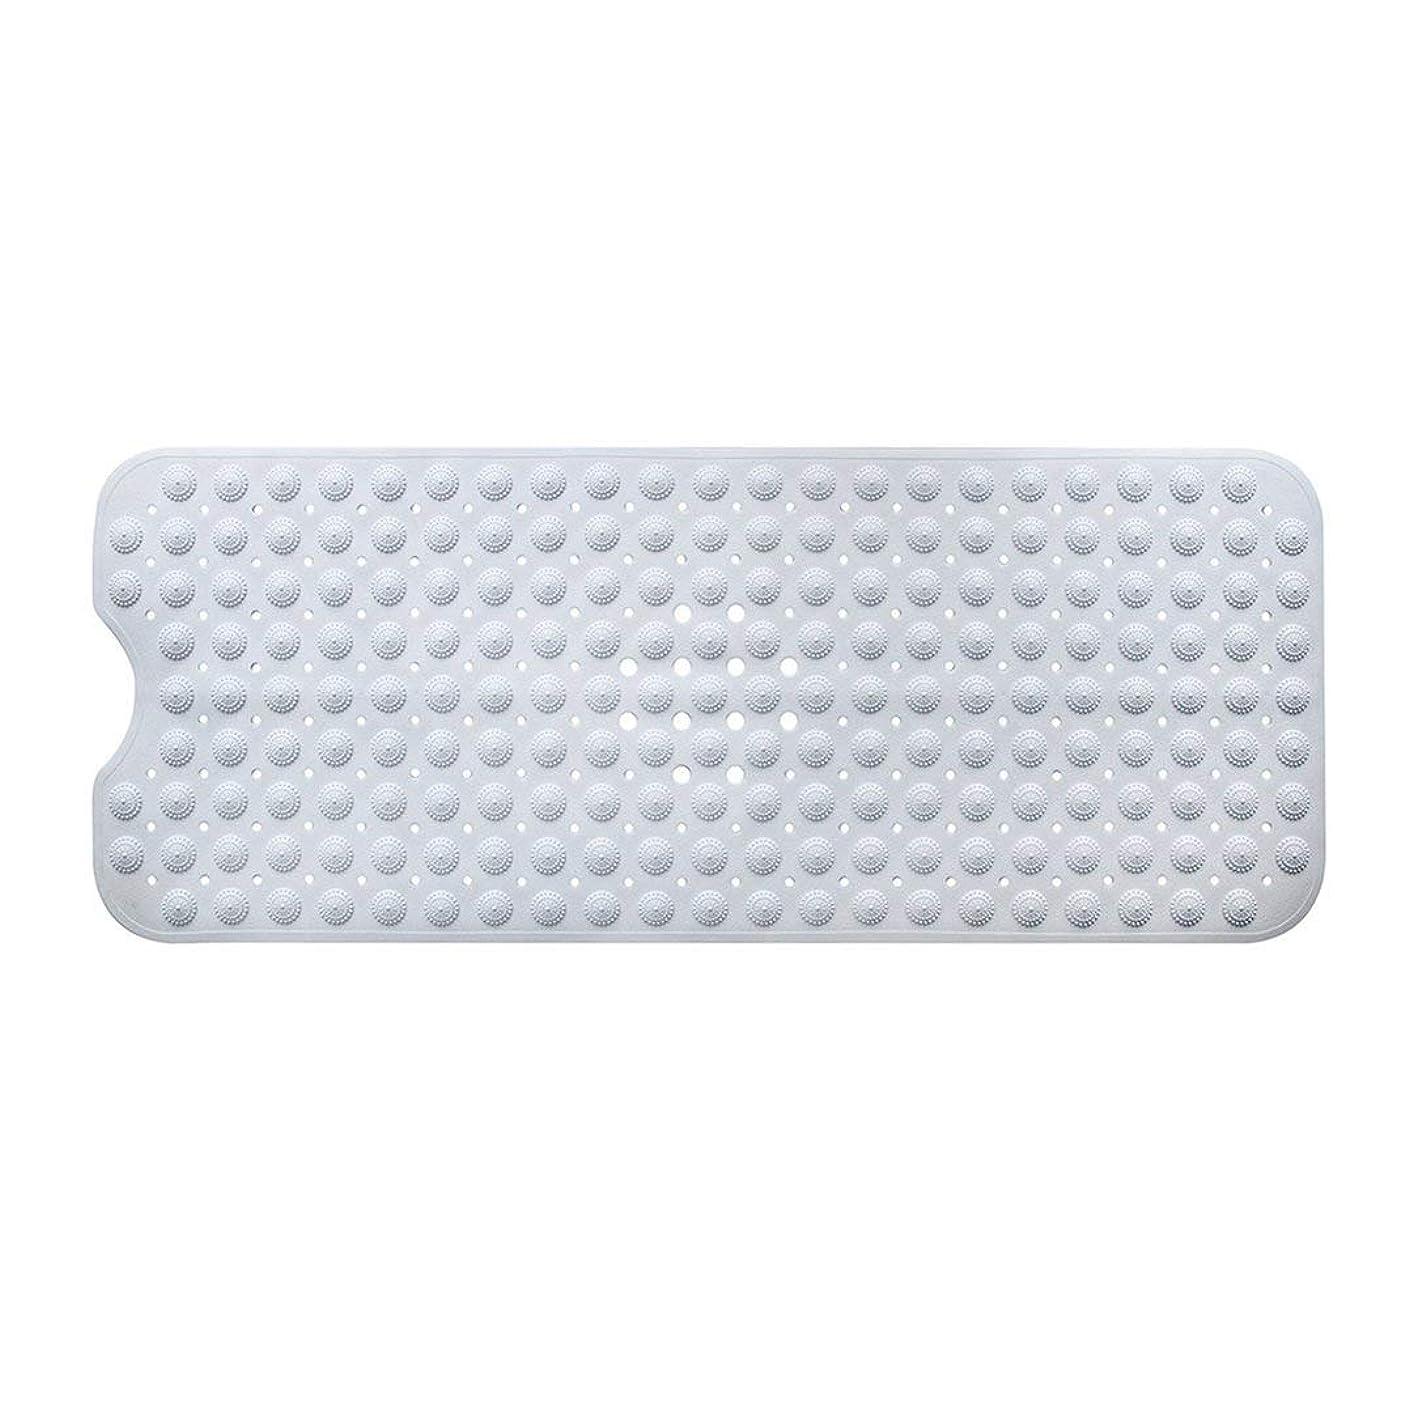 影響する艶情熱的Swiftgood エクストラロングバスタブマットカビ抵抗性滑り止めバスマット洗濯機用浴室用洗えるPVCシャワーマット15.7